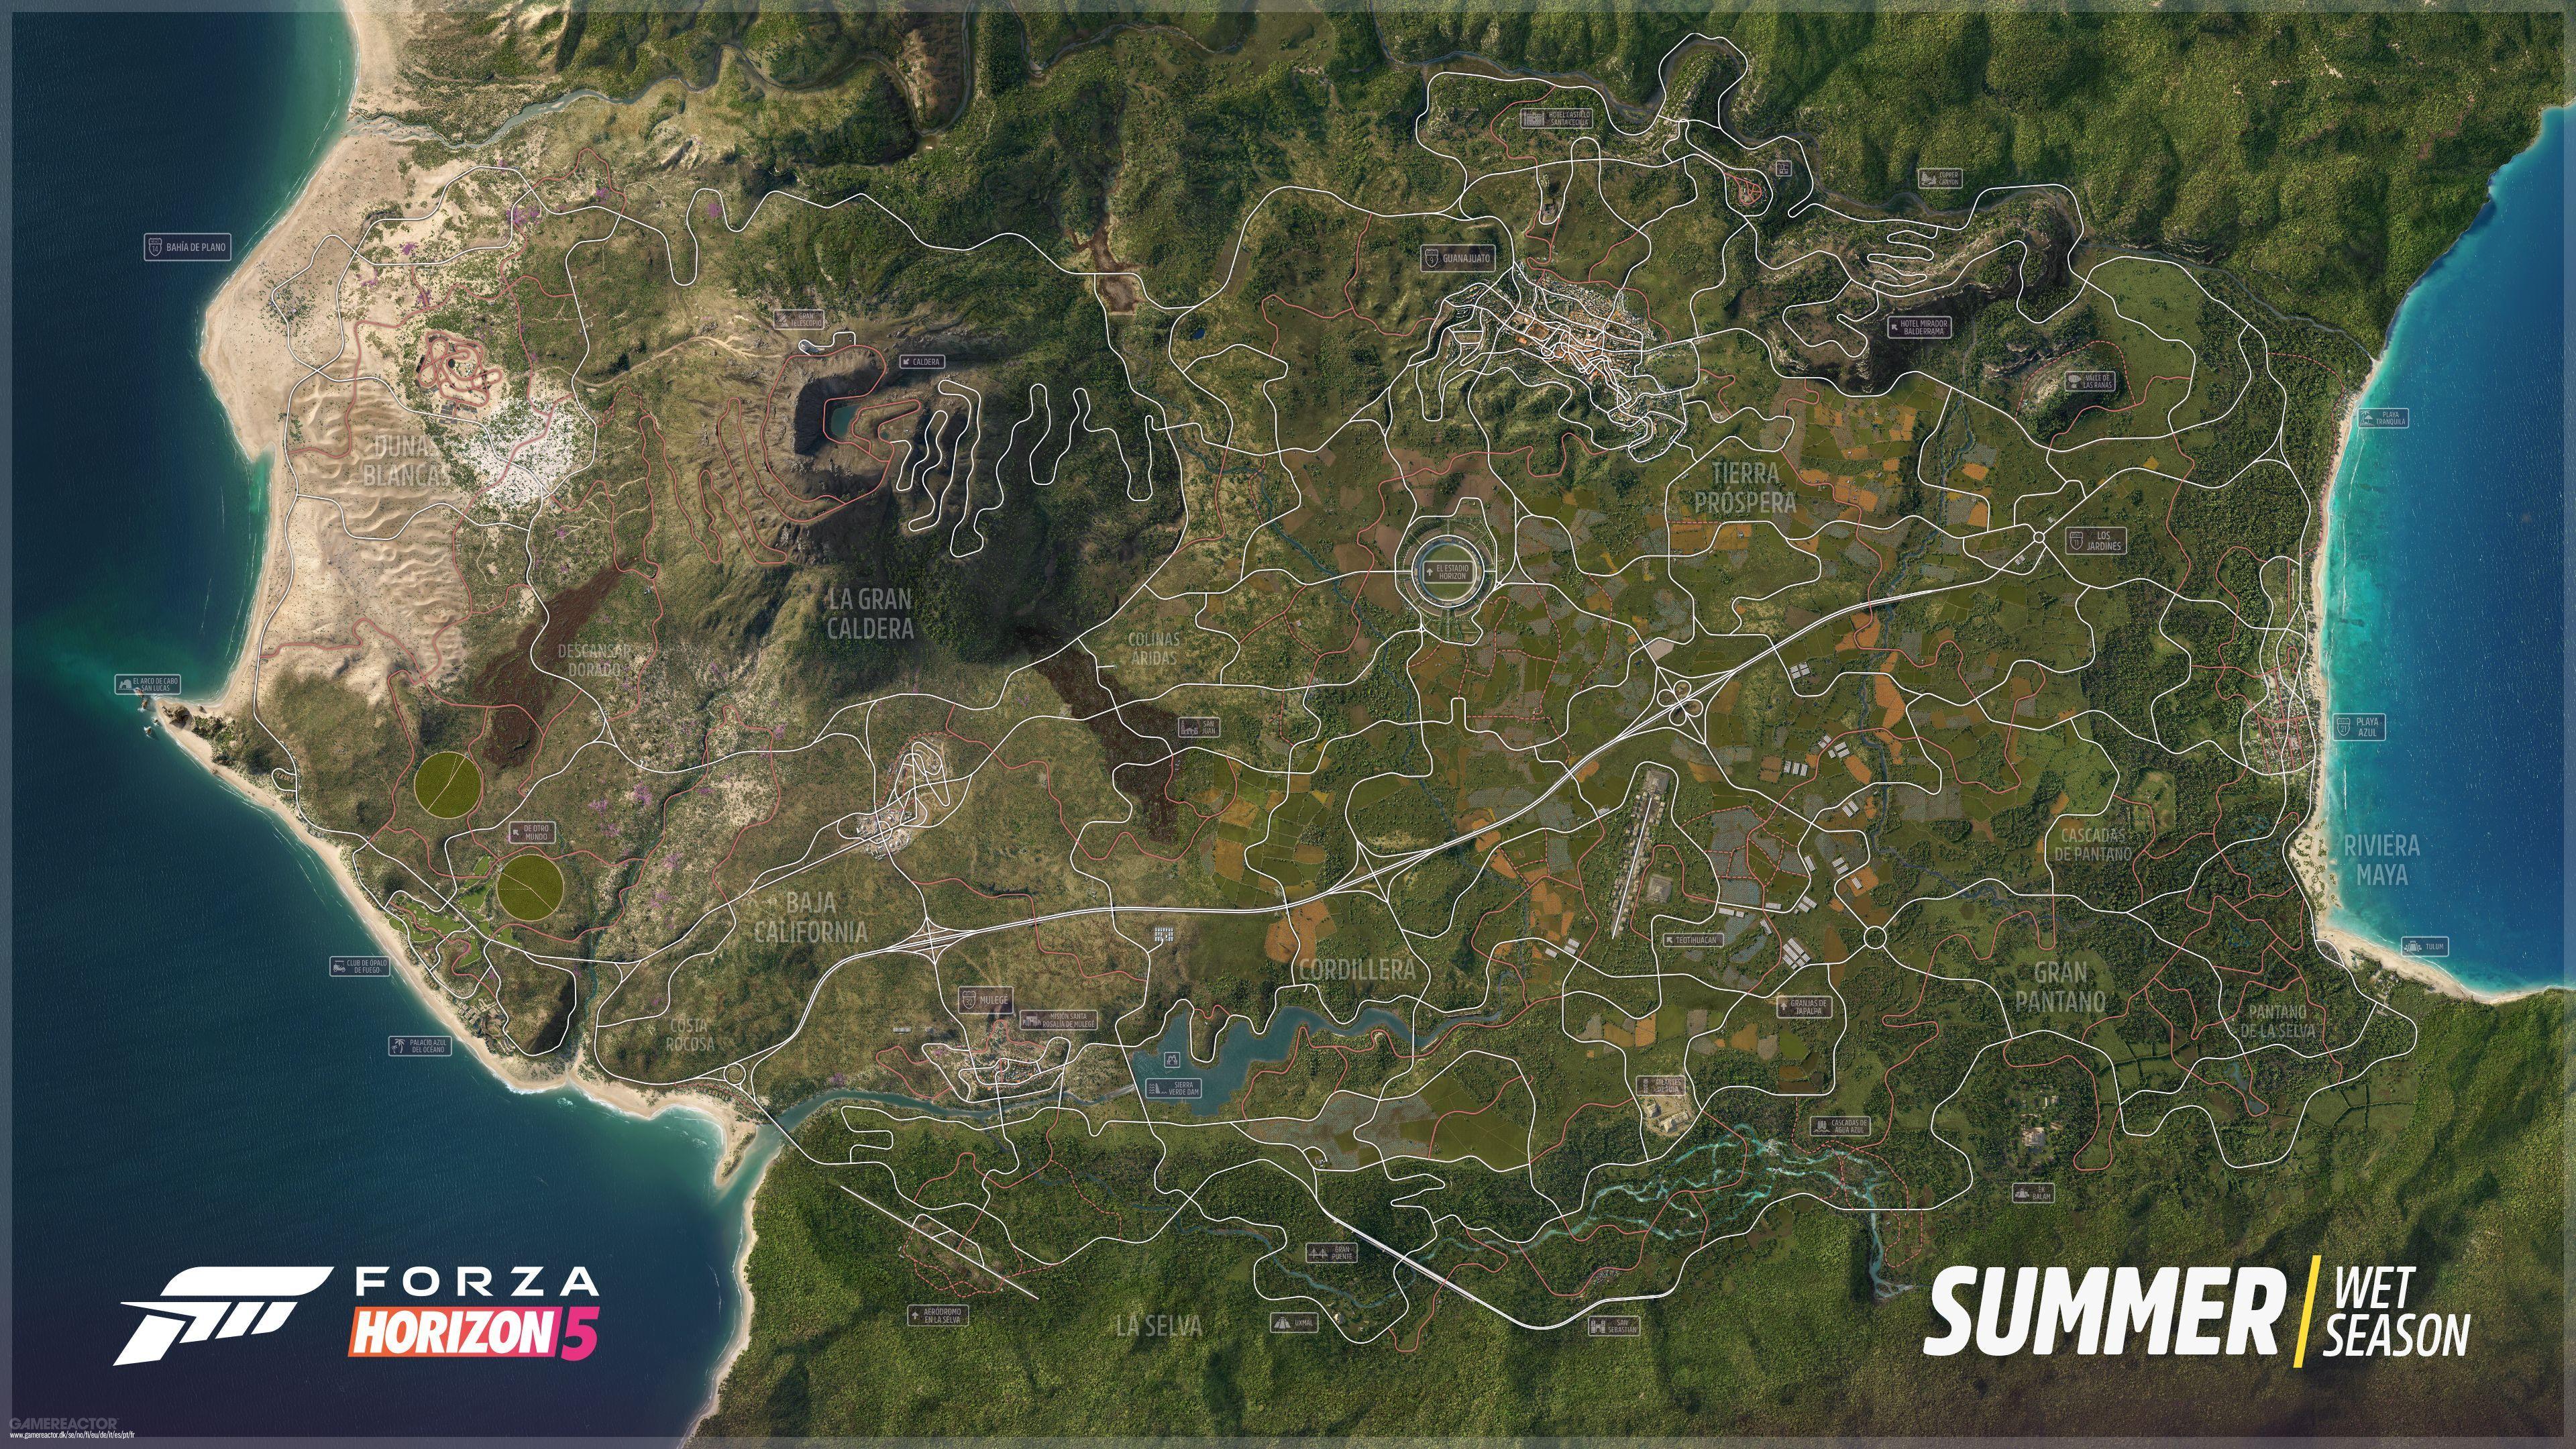 Här är sommarvärldskartan till Forza Horizon 5